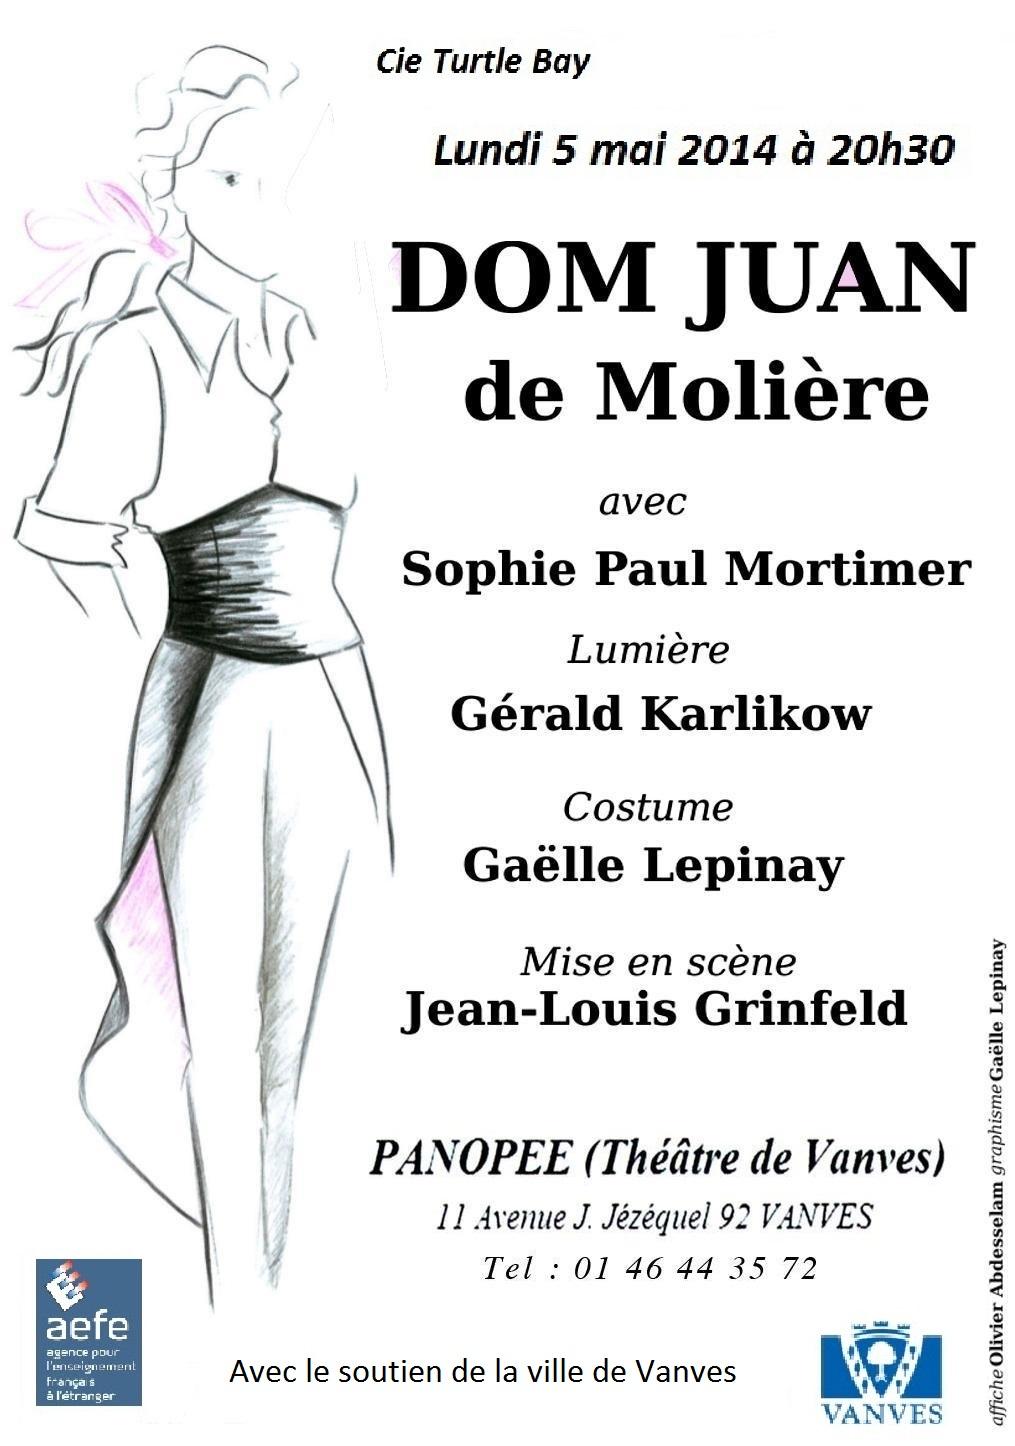 Dom Juan - 5 mai 2014